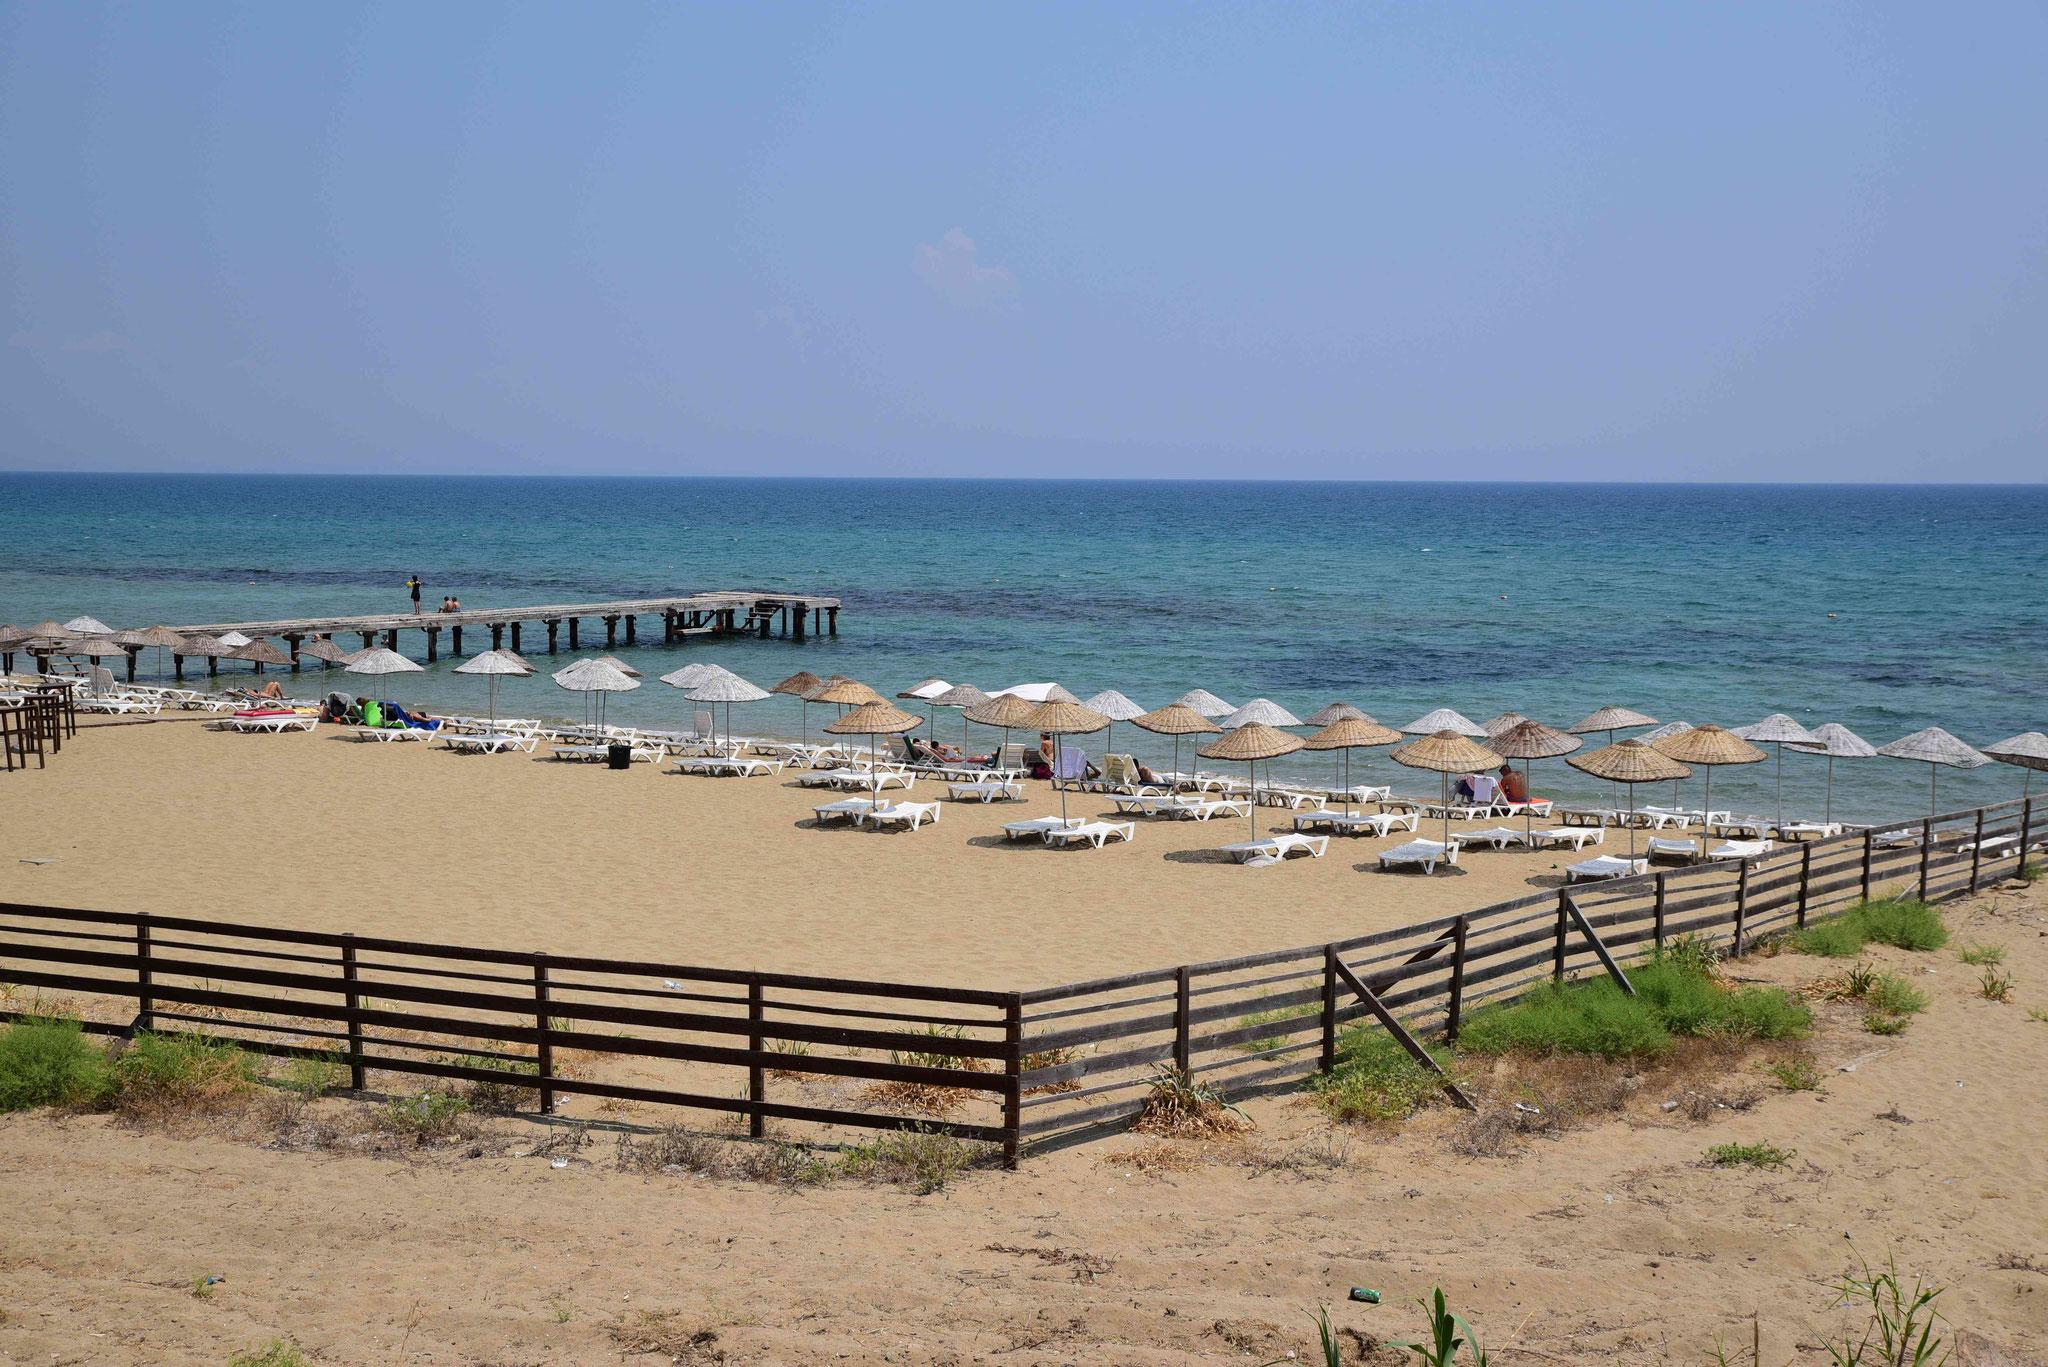 Der bewachte Strand bei Sálamis